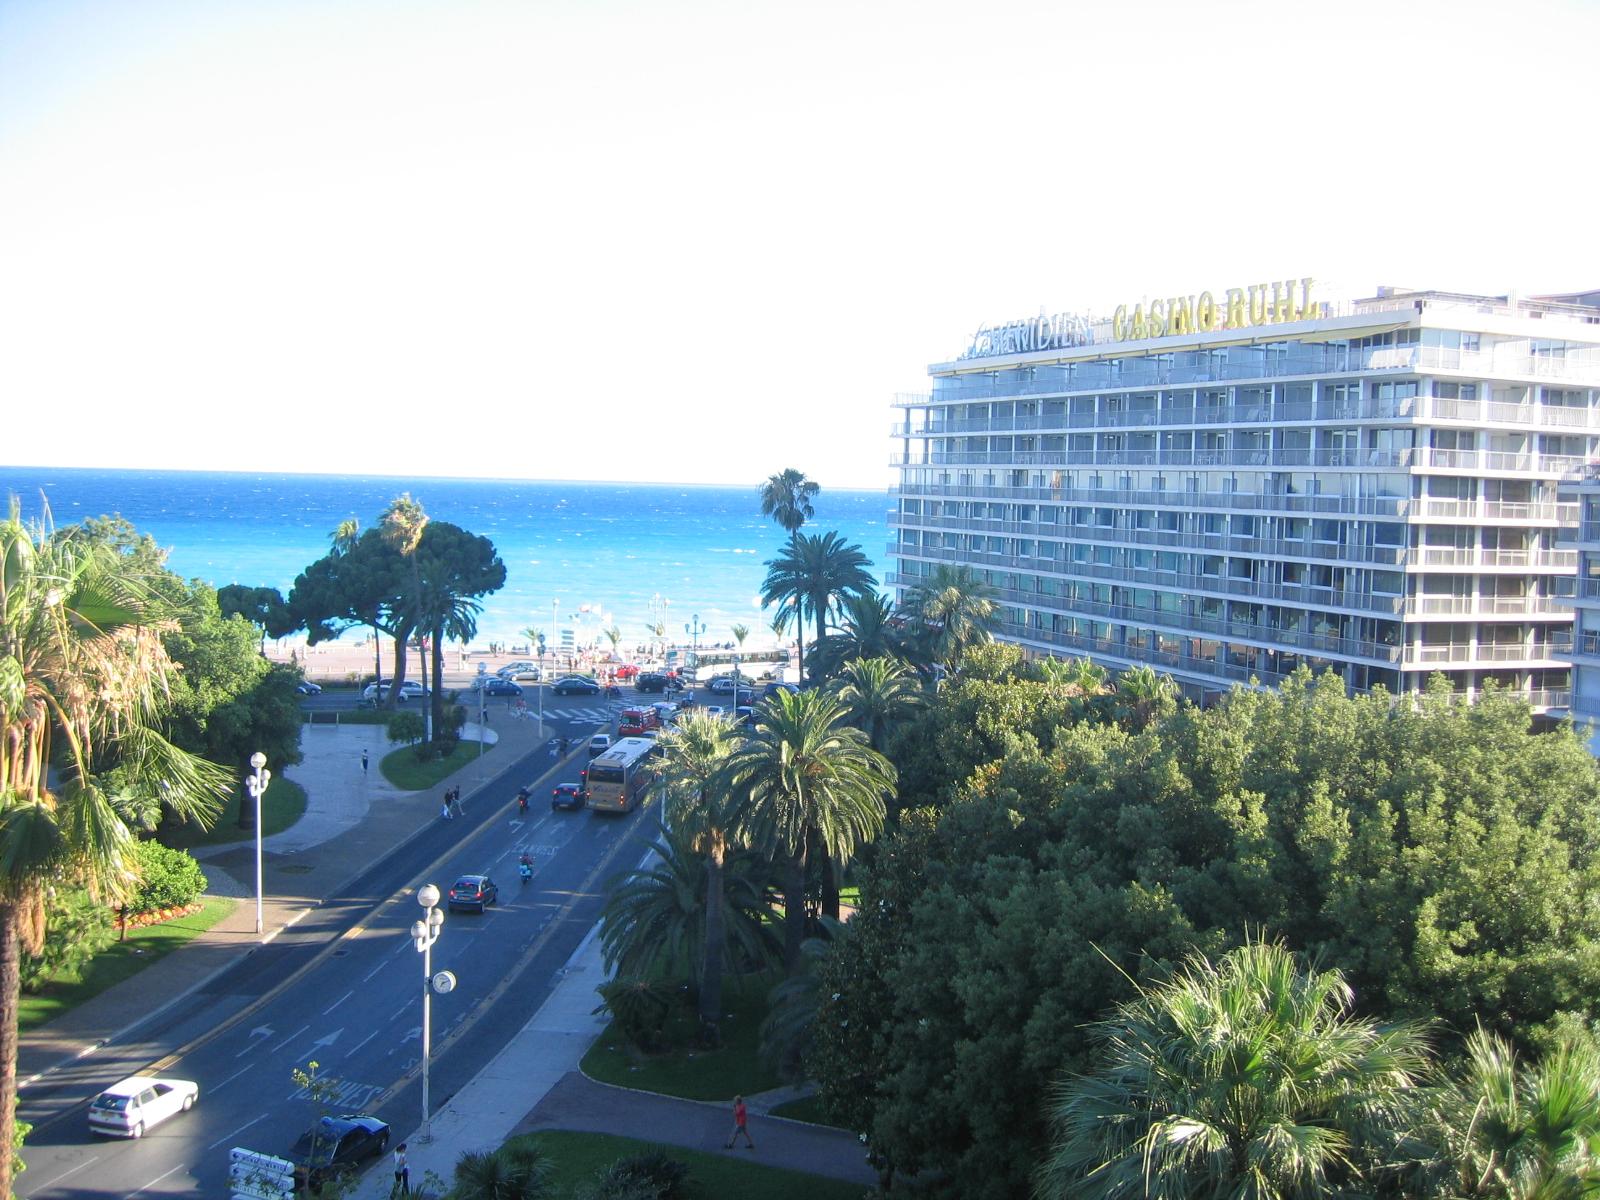 Hotel De La Mer Nice France